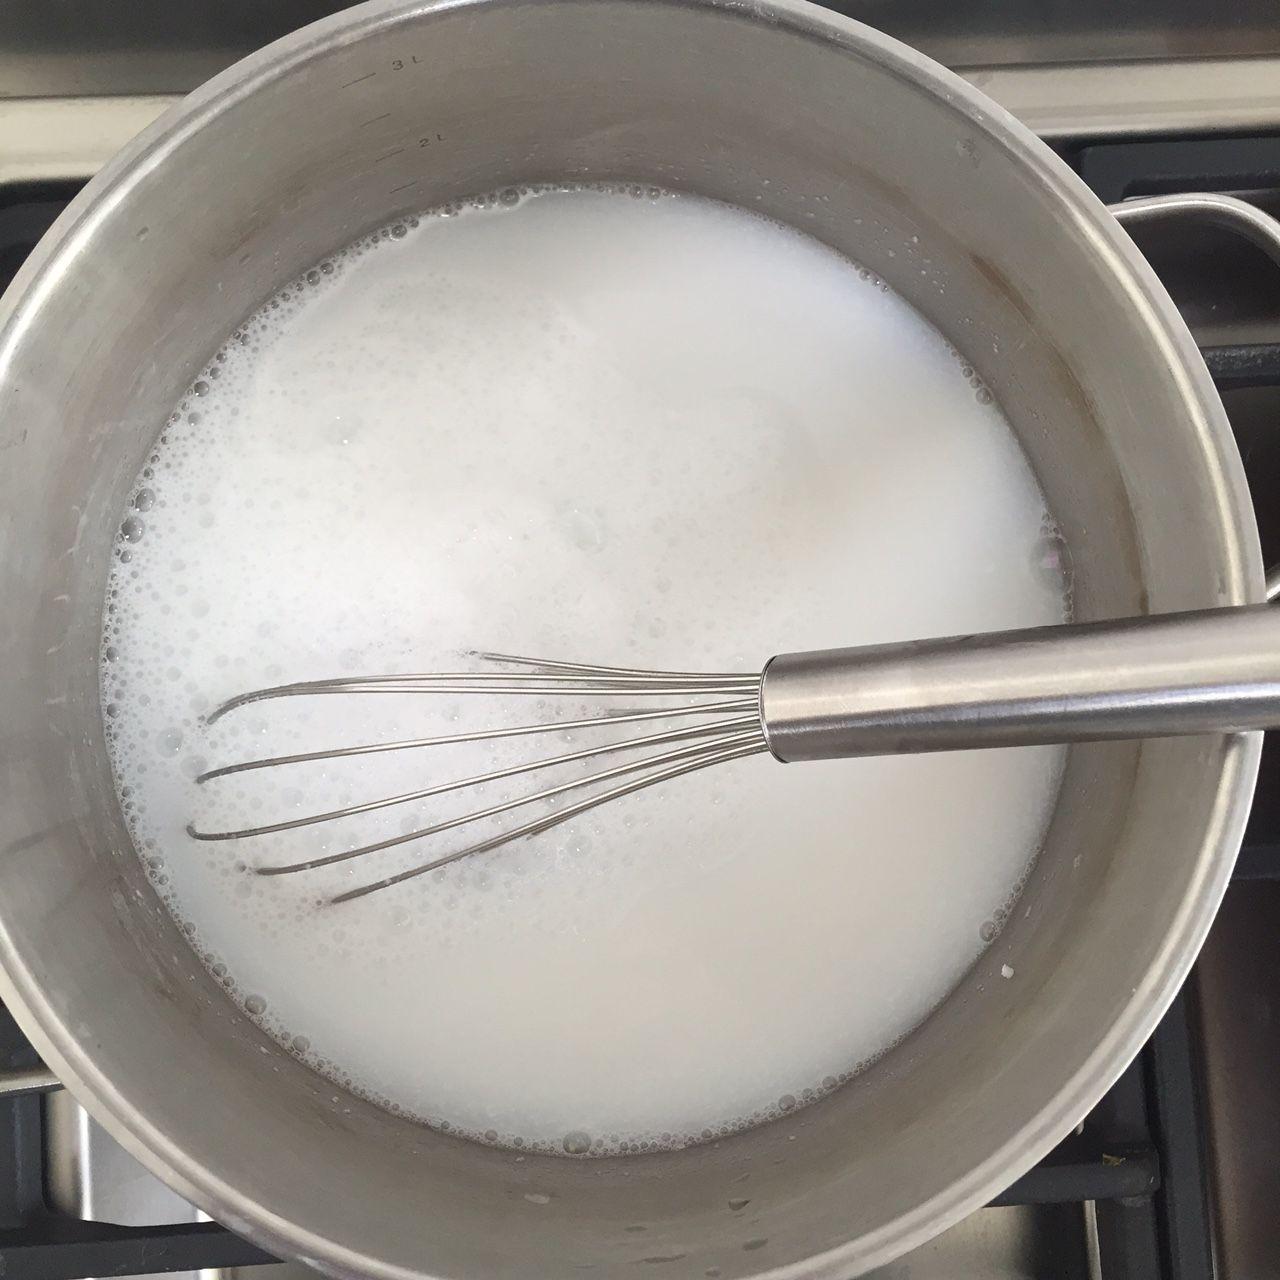 Zelf wasmiddel maken binnen 5 minuten (goedkoop én snel